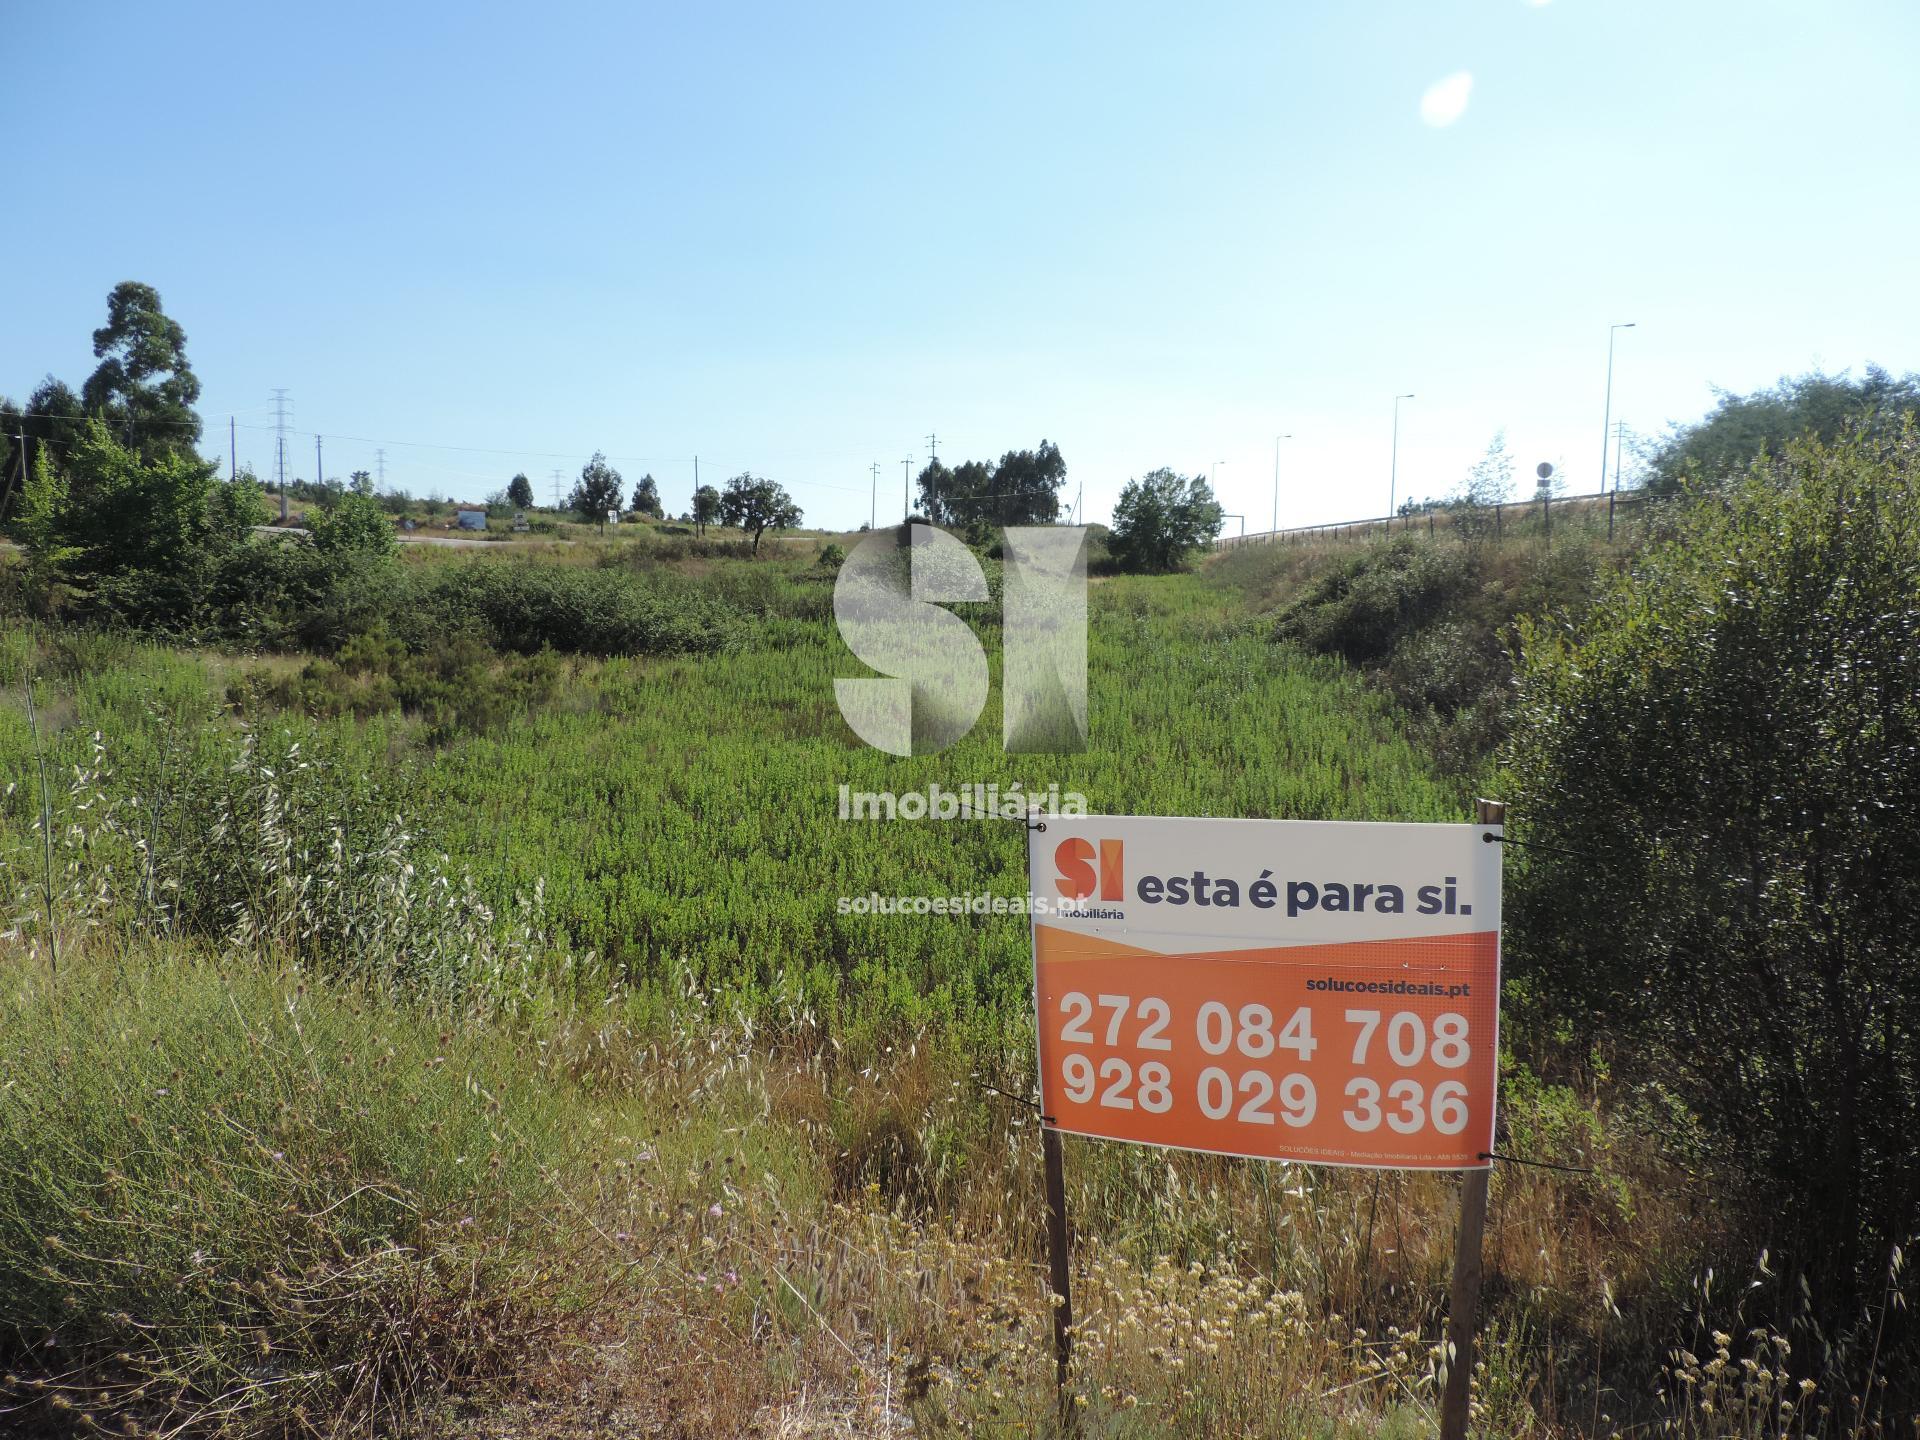 terreno para compra em castelo branco benquerencas CBZMJ158